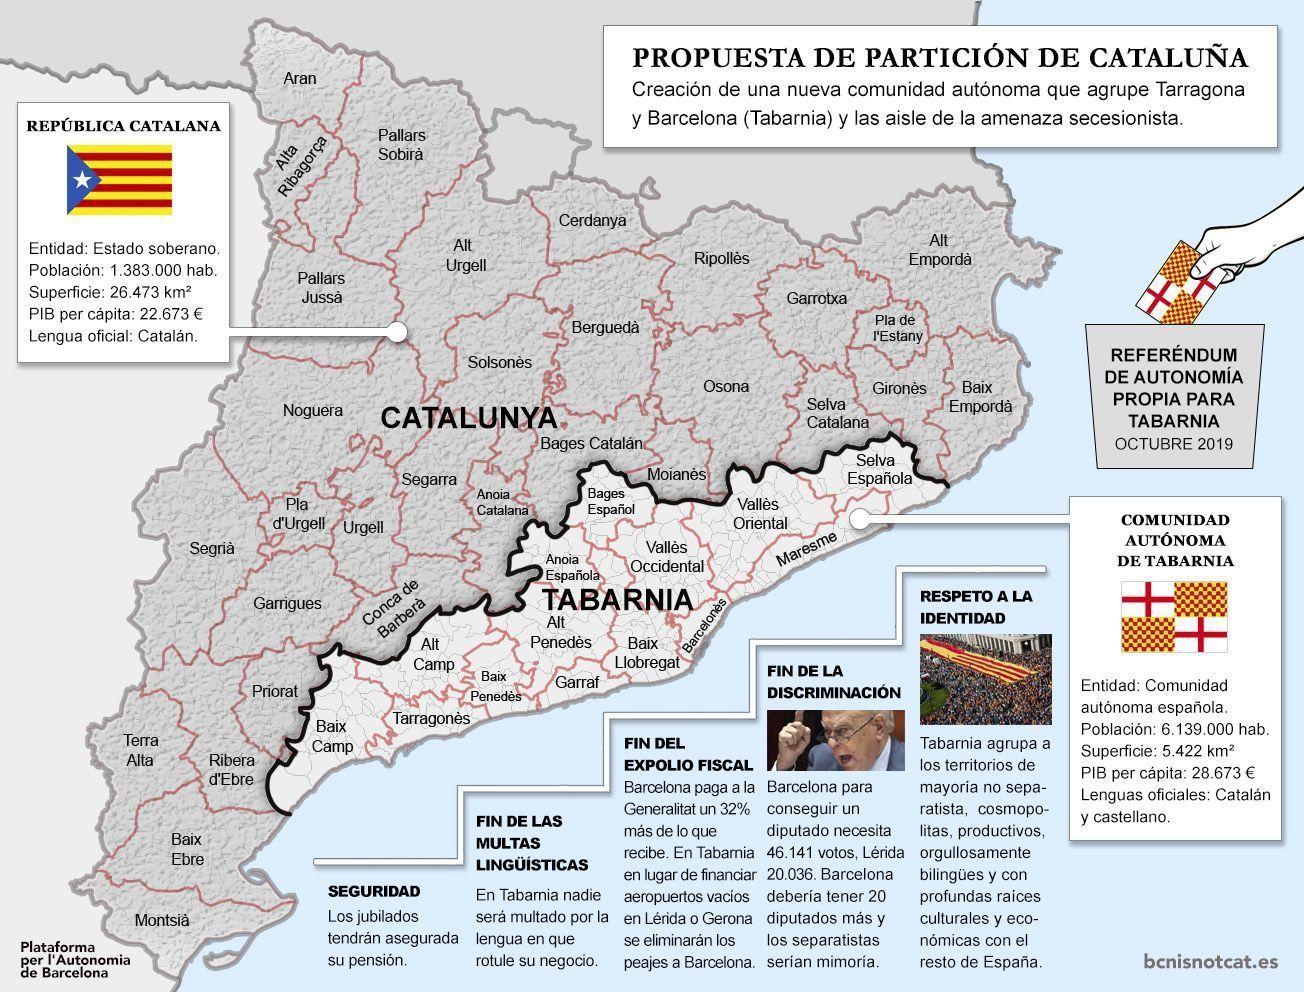 Tabarnia. Propuesta de partición de Cataluña. El Magacín.